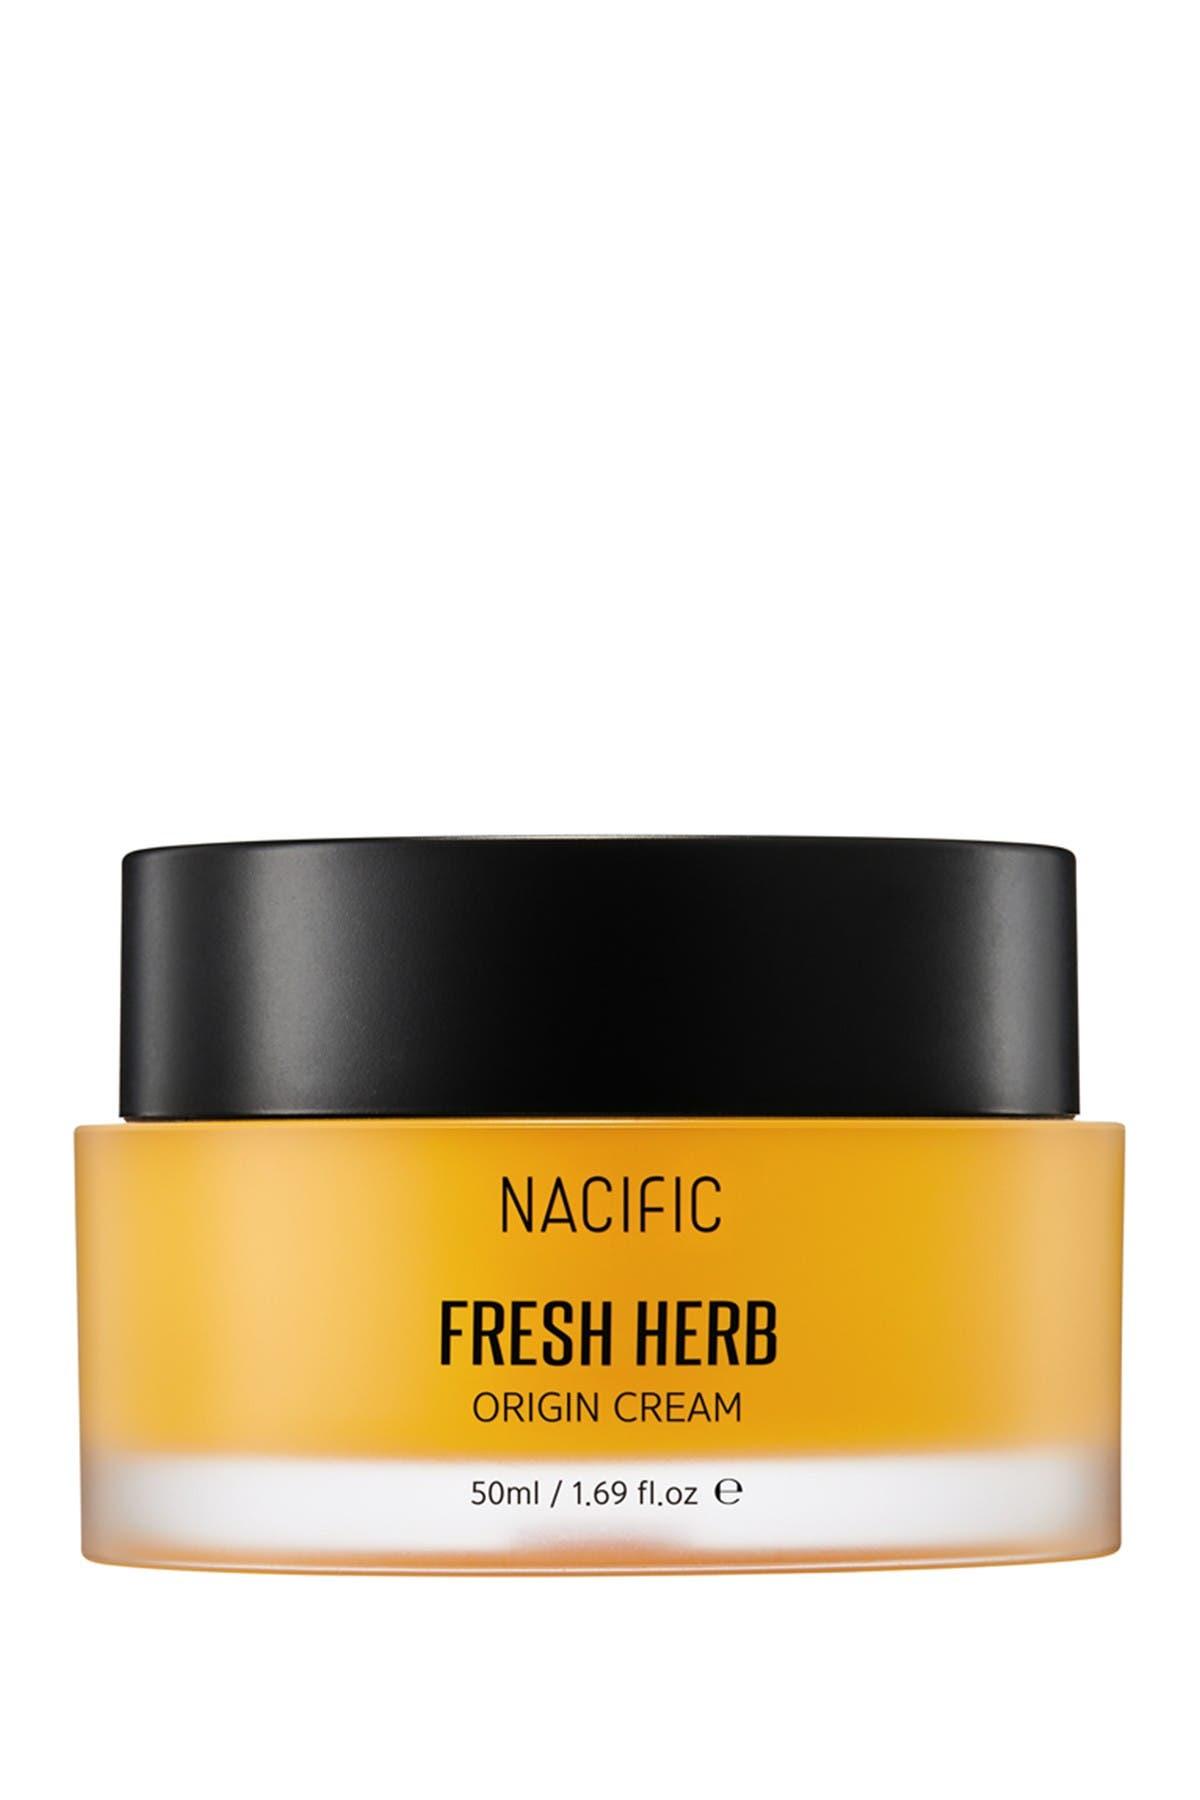 Image of NACIFIC Fresh Herb Origin Cream